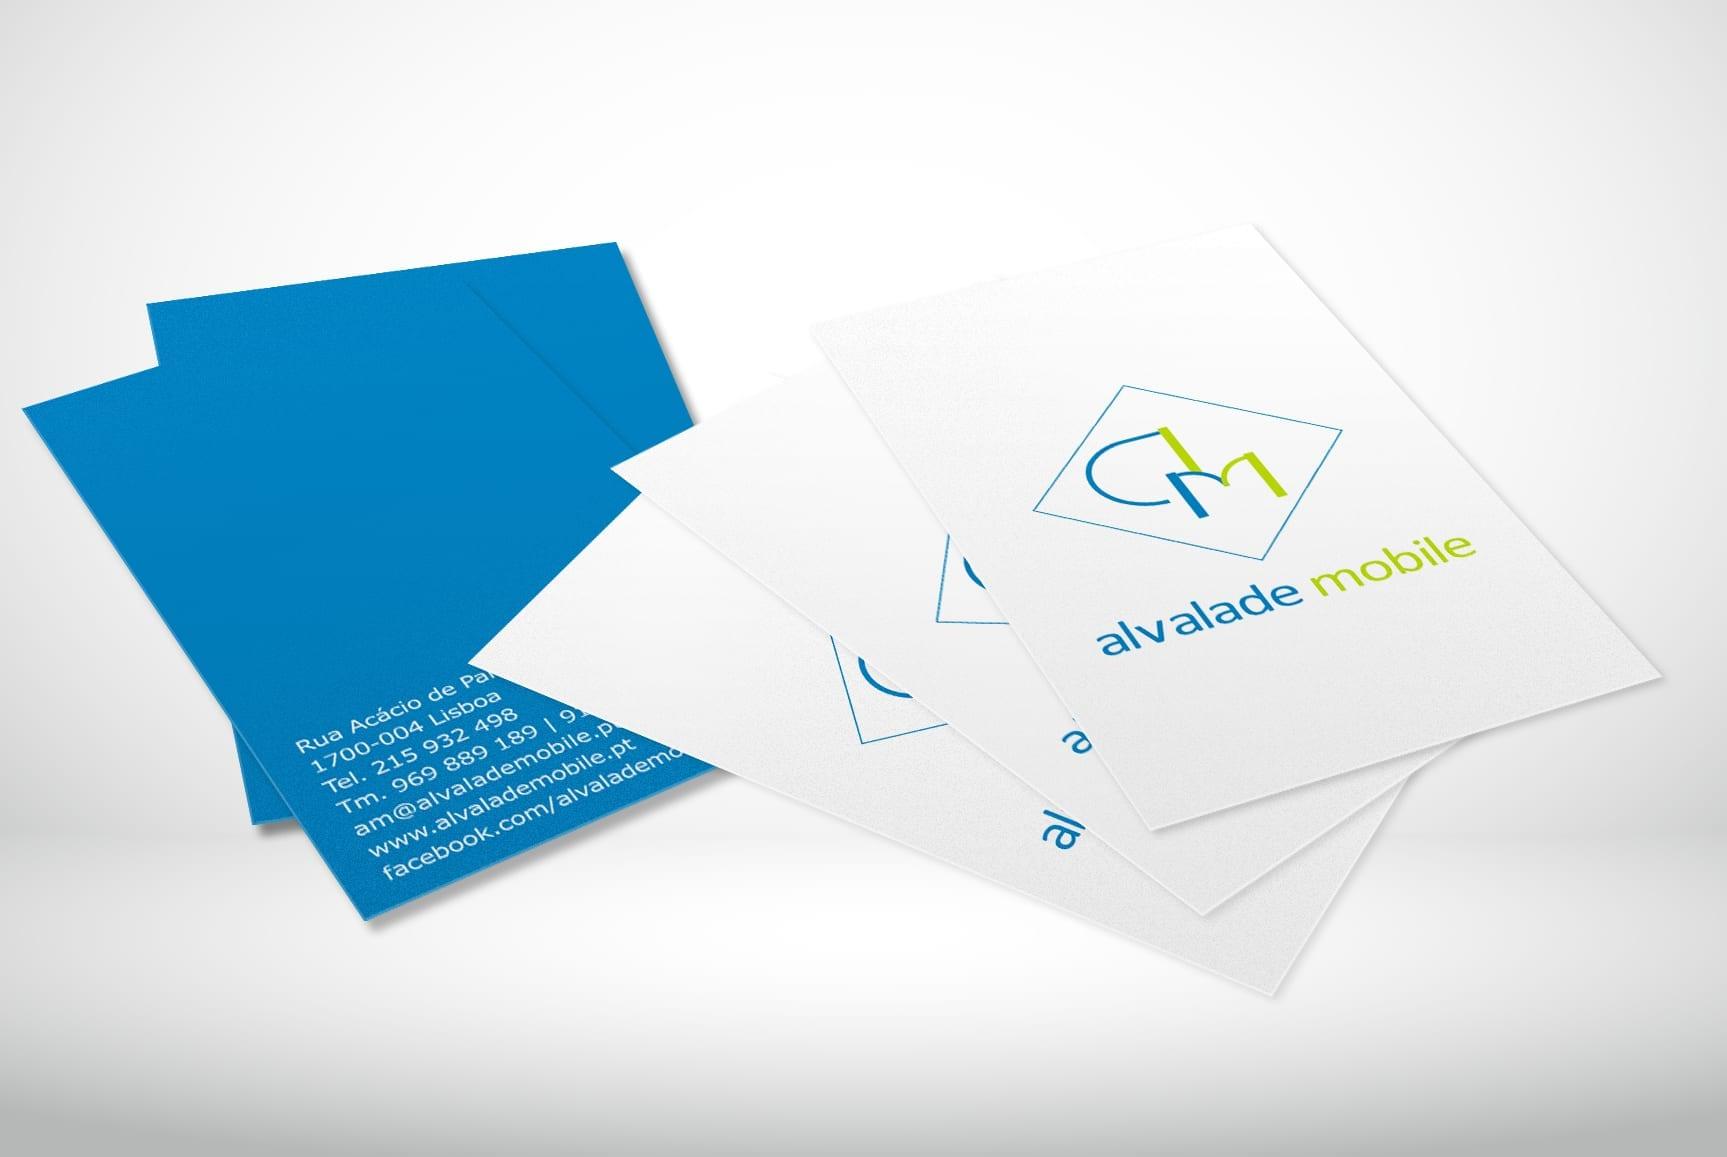 Mockup de cartões de visita da loja Alvalade Mobile